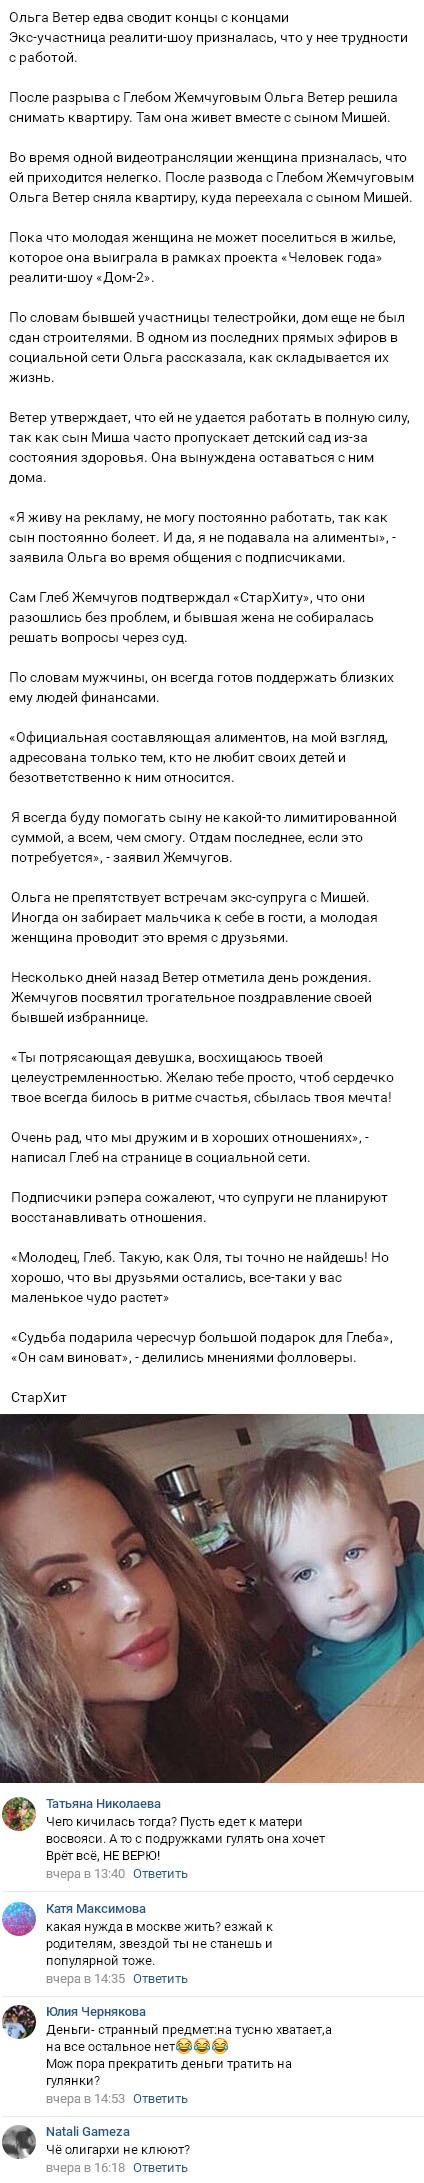 Одиночка Ольга Ветер оказалась на грани нищеты